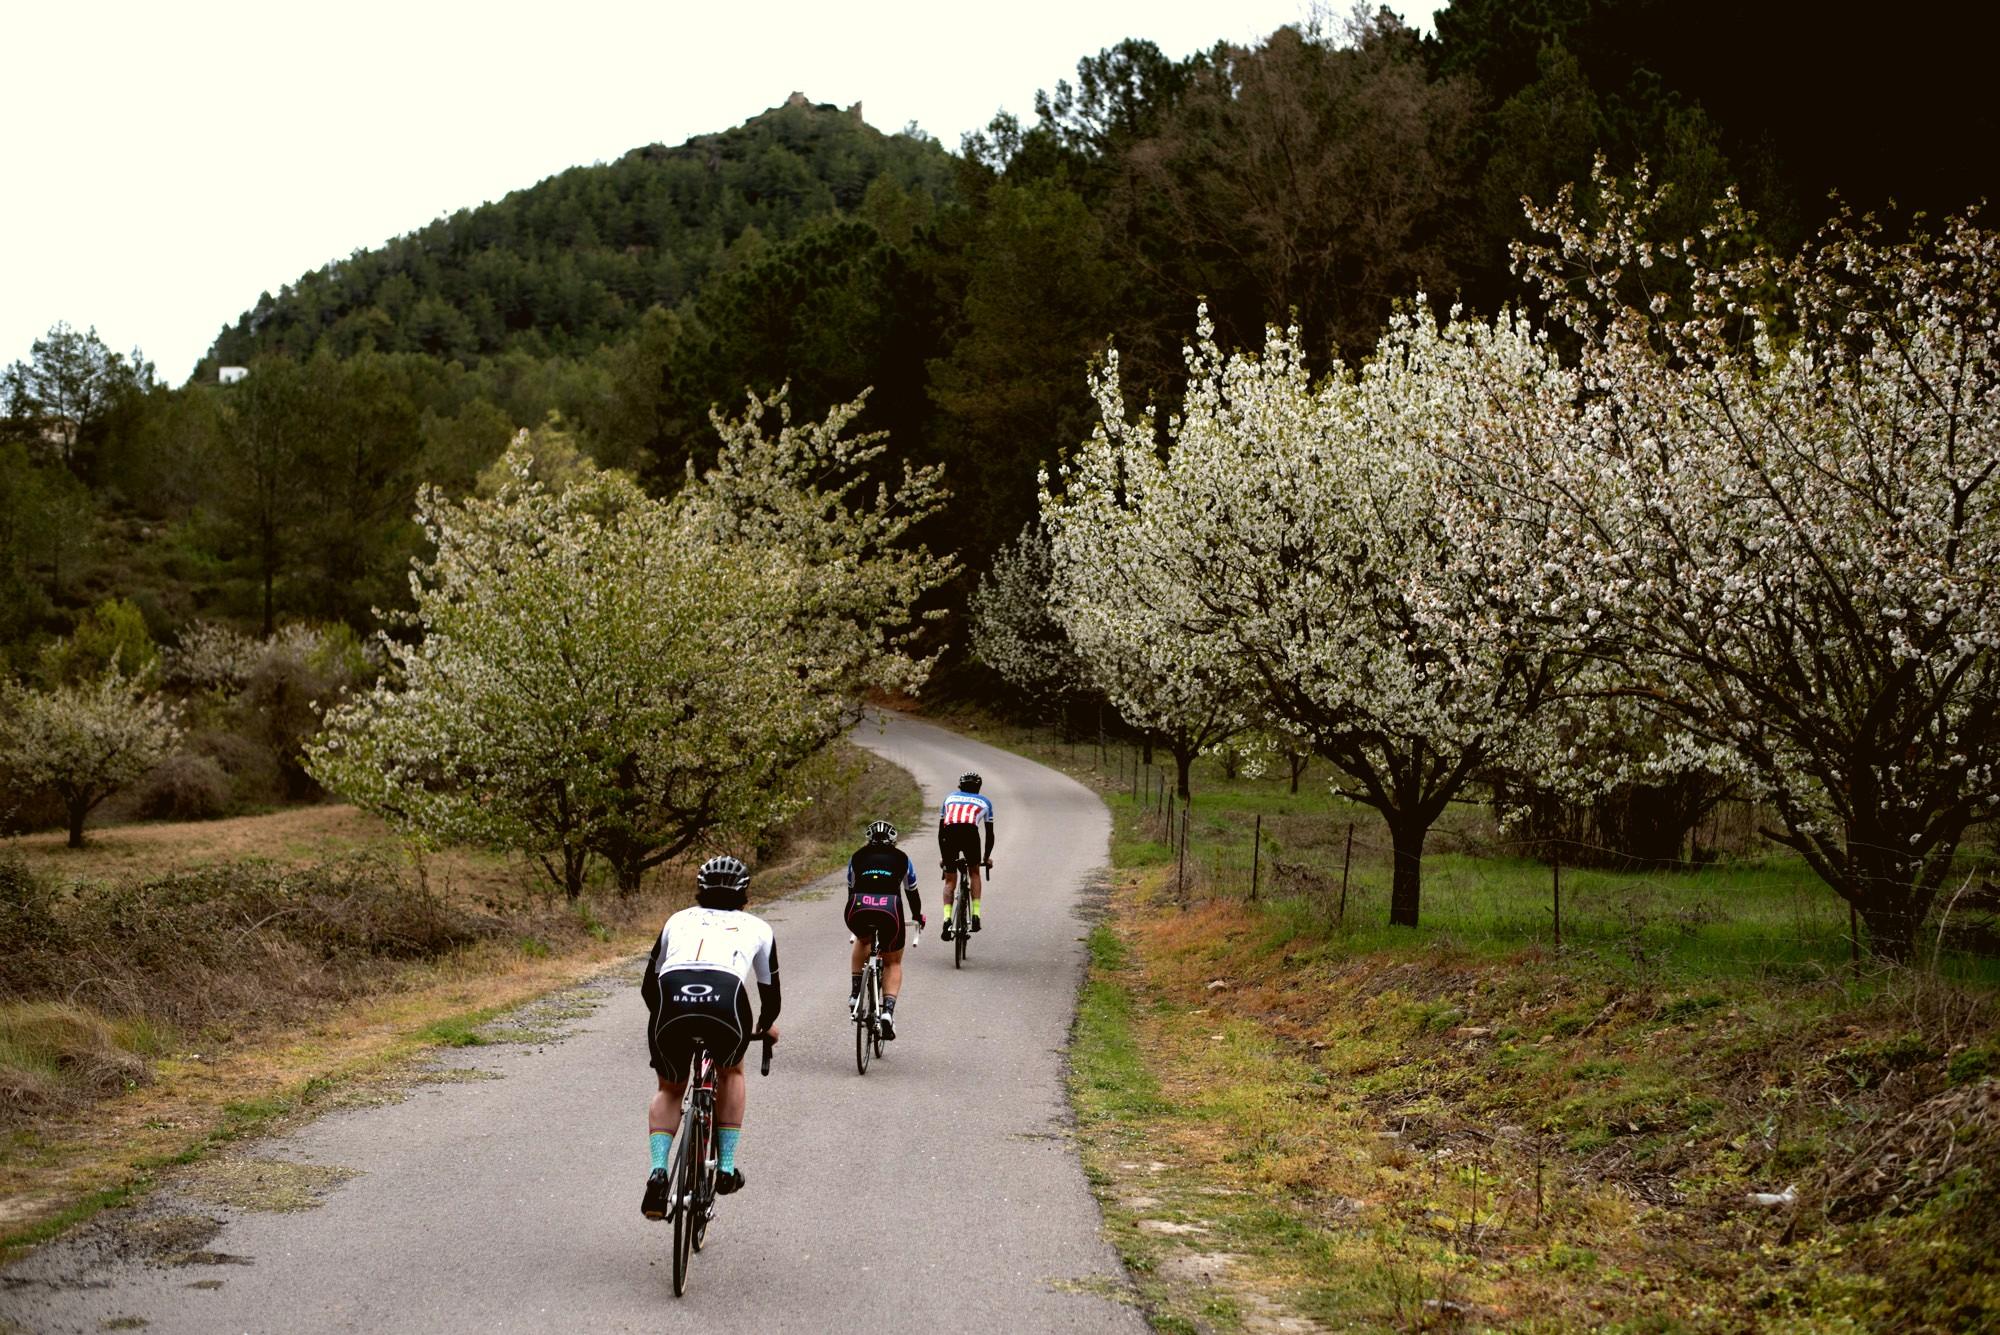 castellon-escenario-perfecto-para-disfrutar-de-la-bicicleta